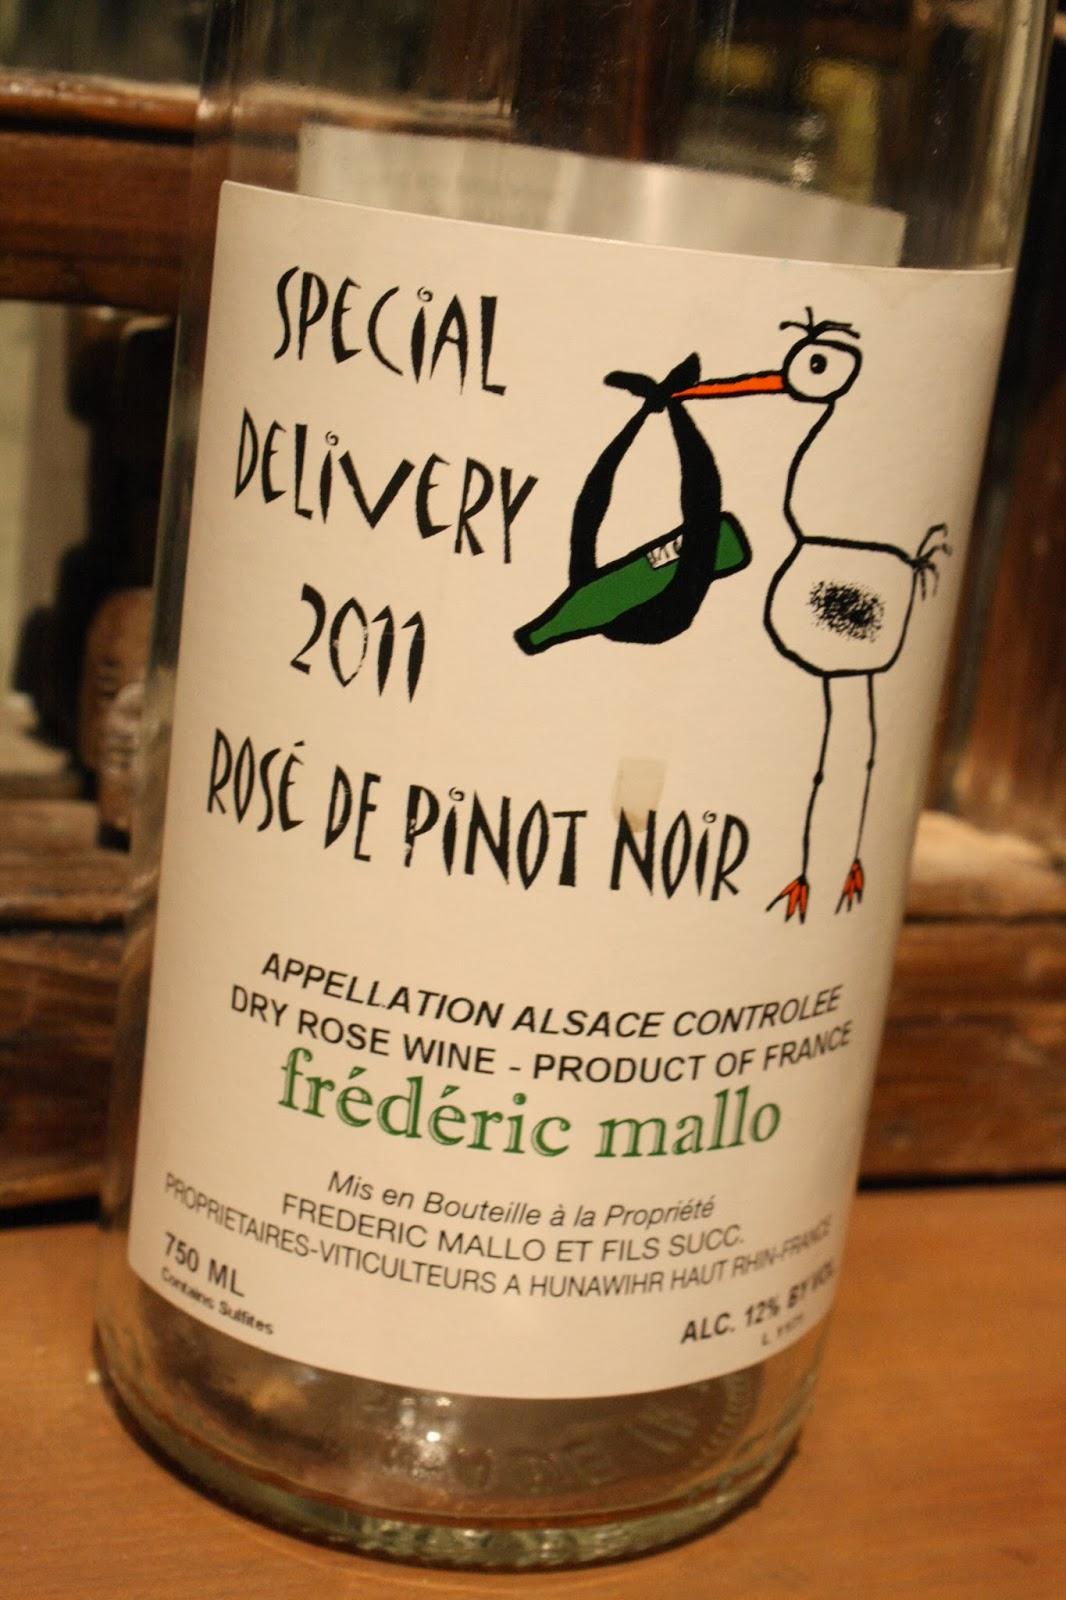 France, Rose Wine, Special Deliver, Rose de Pinot Noir 2011